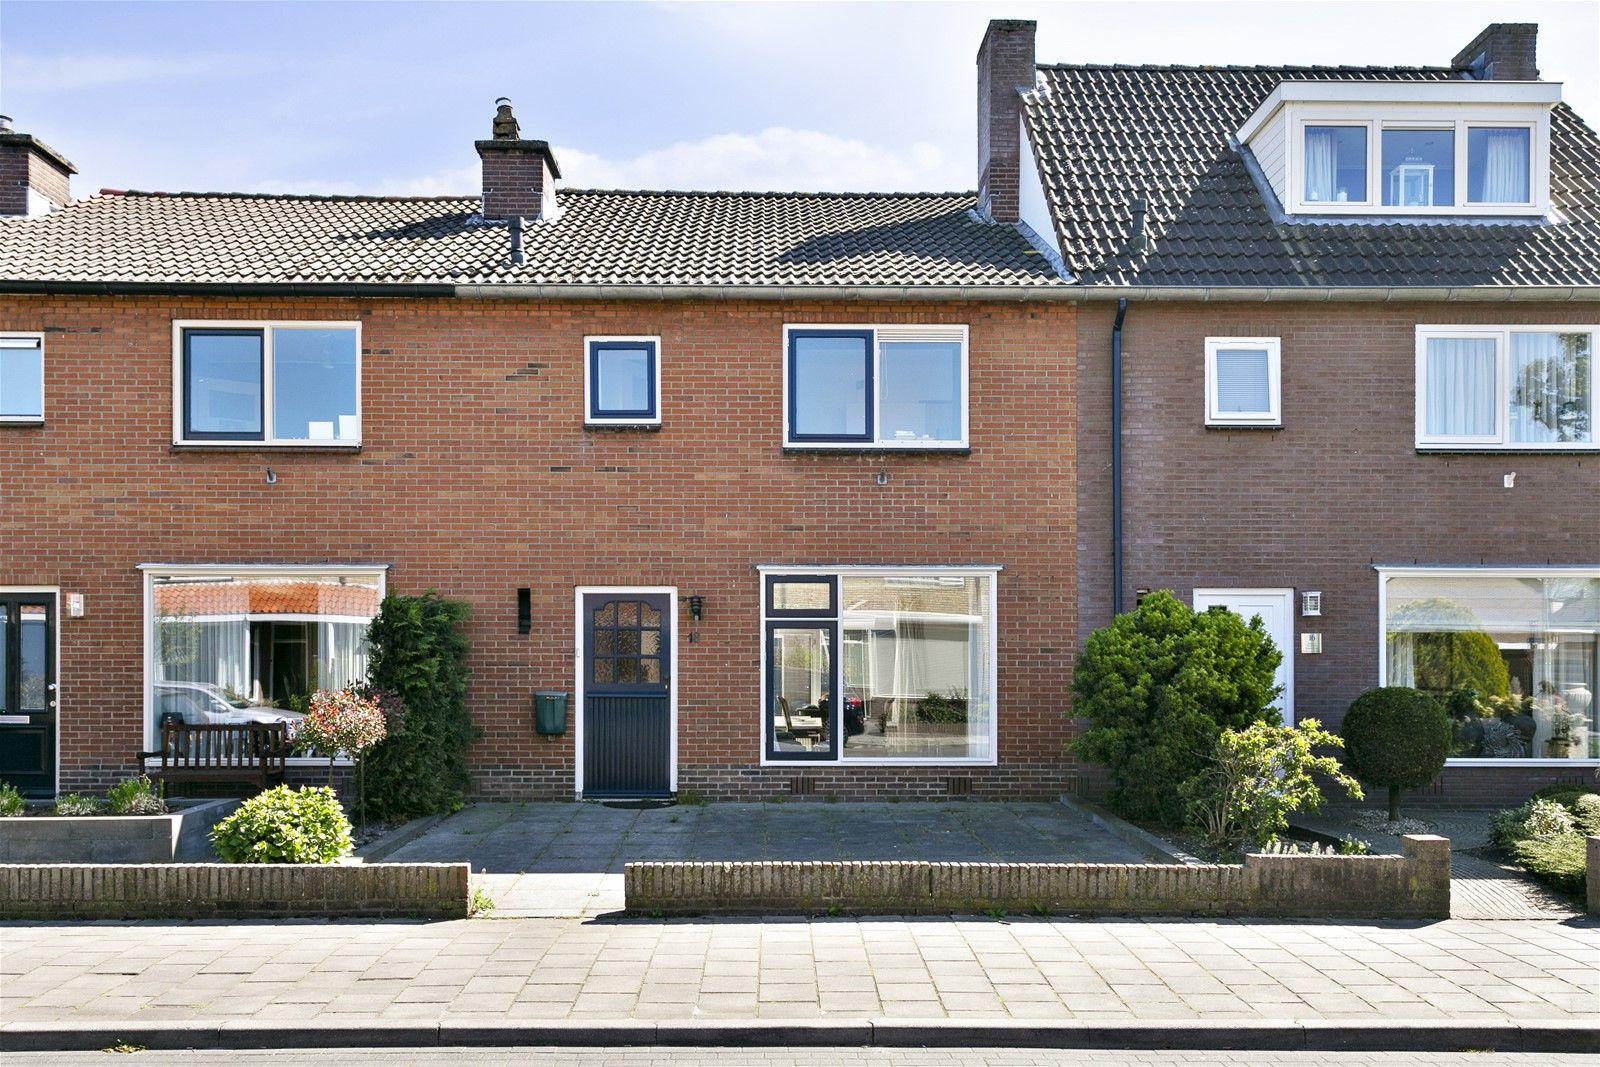 Van Maerlantlaan 18, Harderwijk